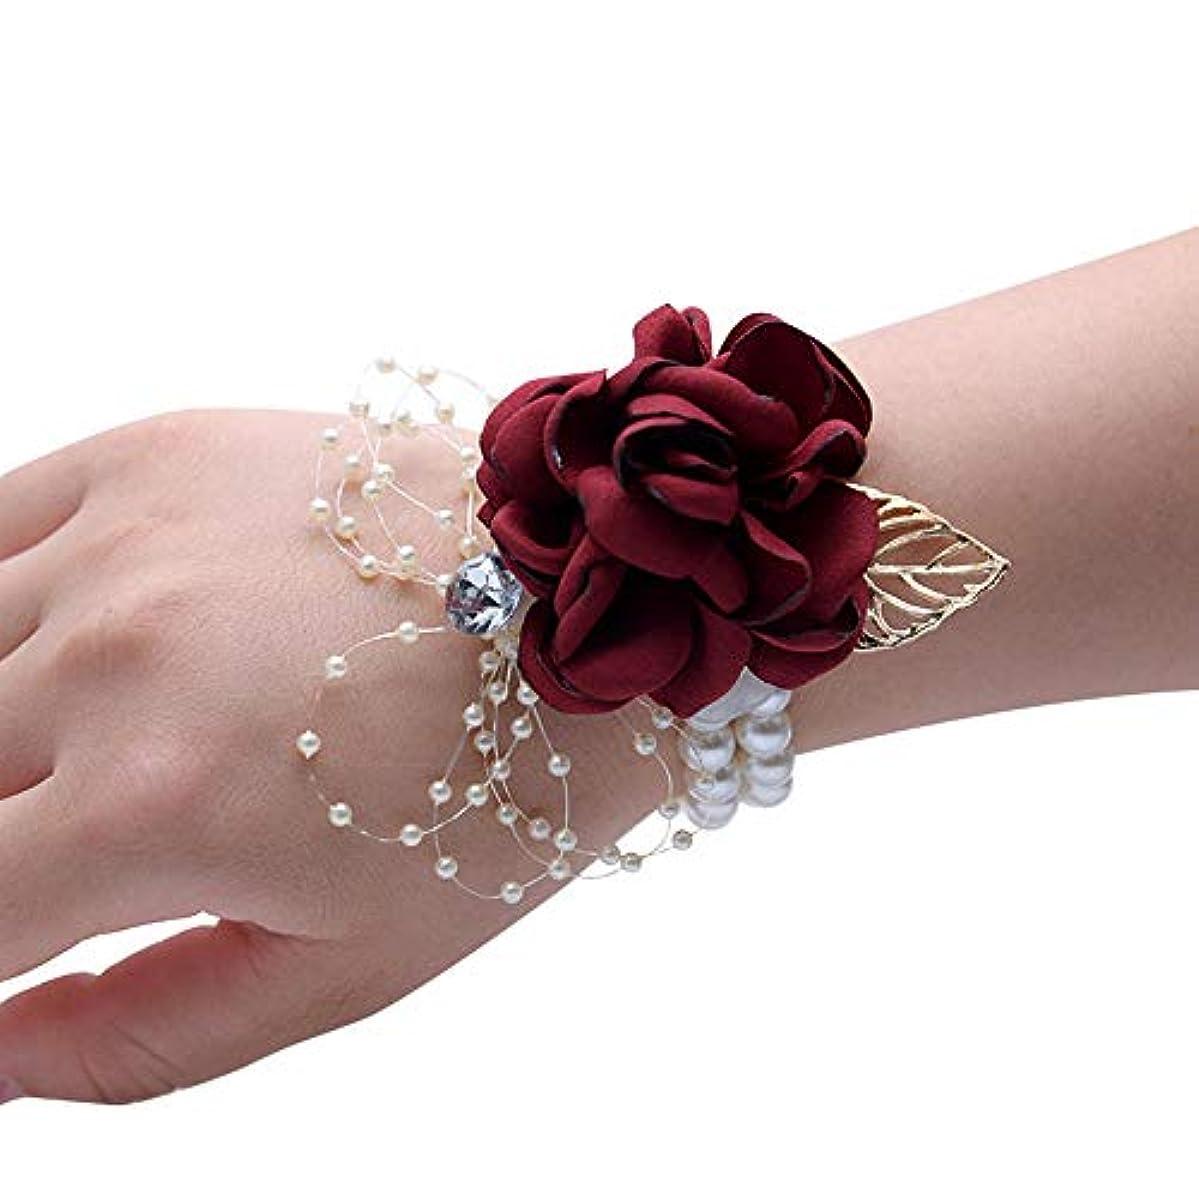 温室前文さびたMerssavo 手首の花 - 女の子チャーム手首コサージュブレスレット花嫁介添人姉妹の手の花のどの真珠の結婚式、ワインレッド